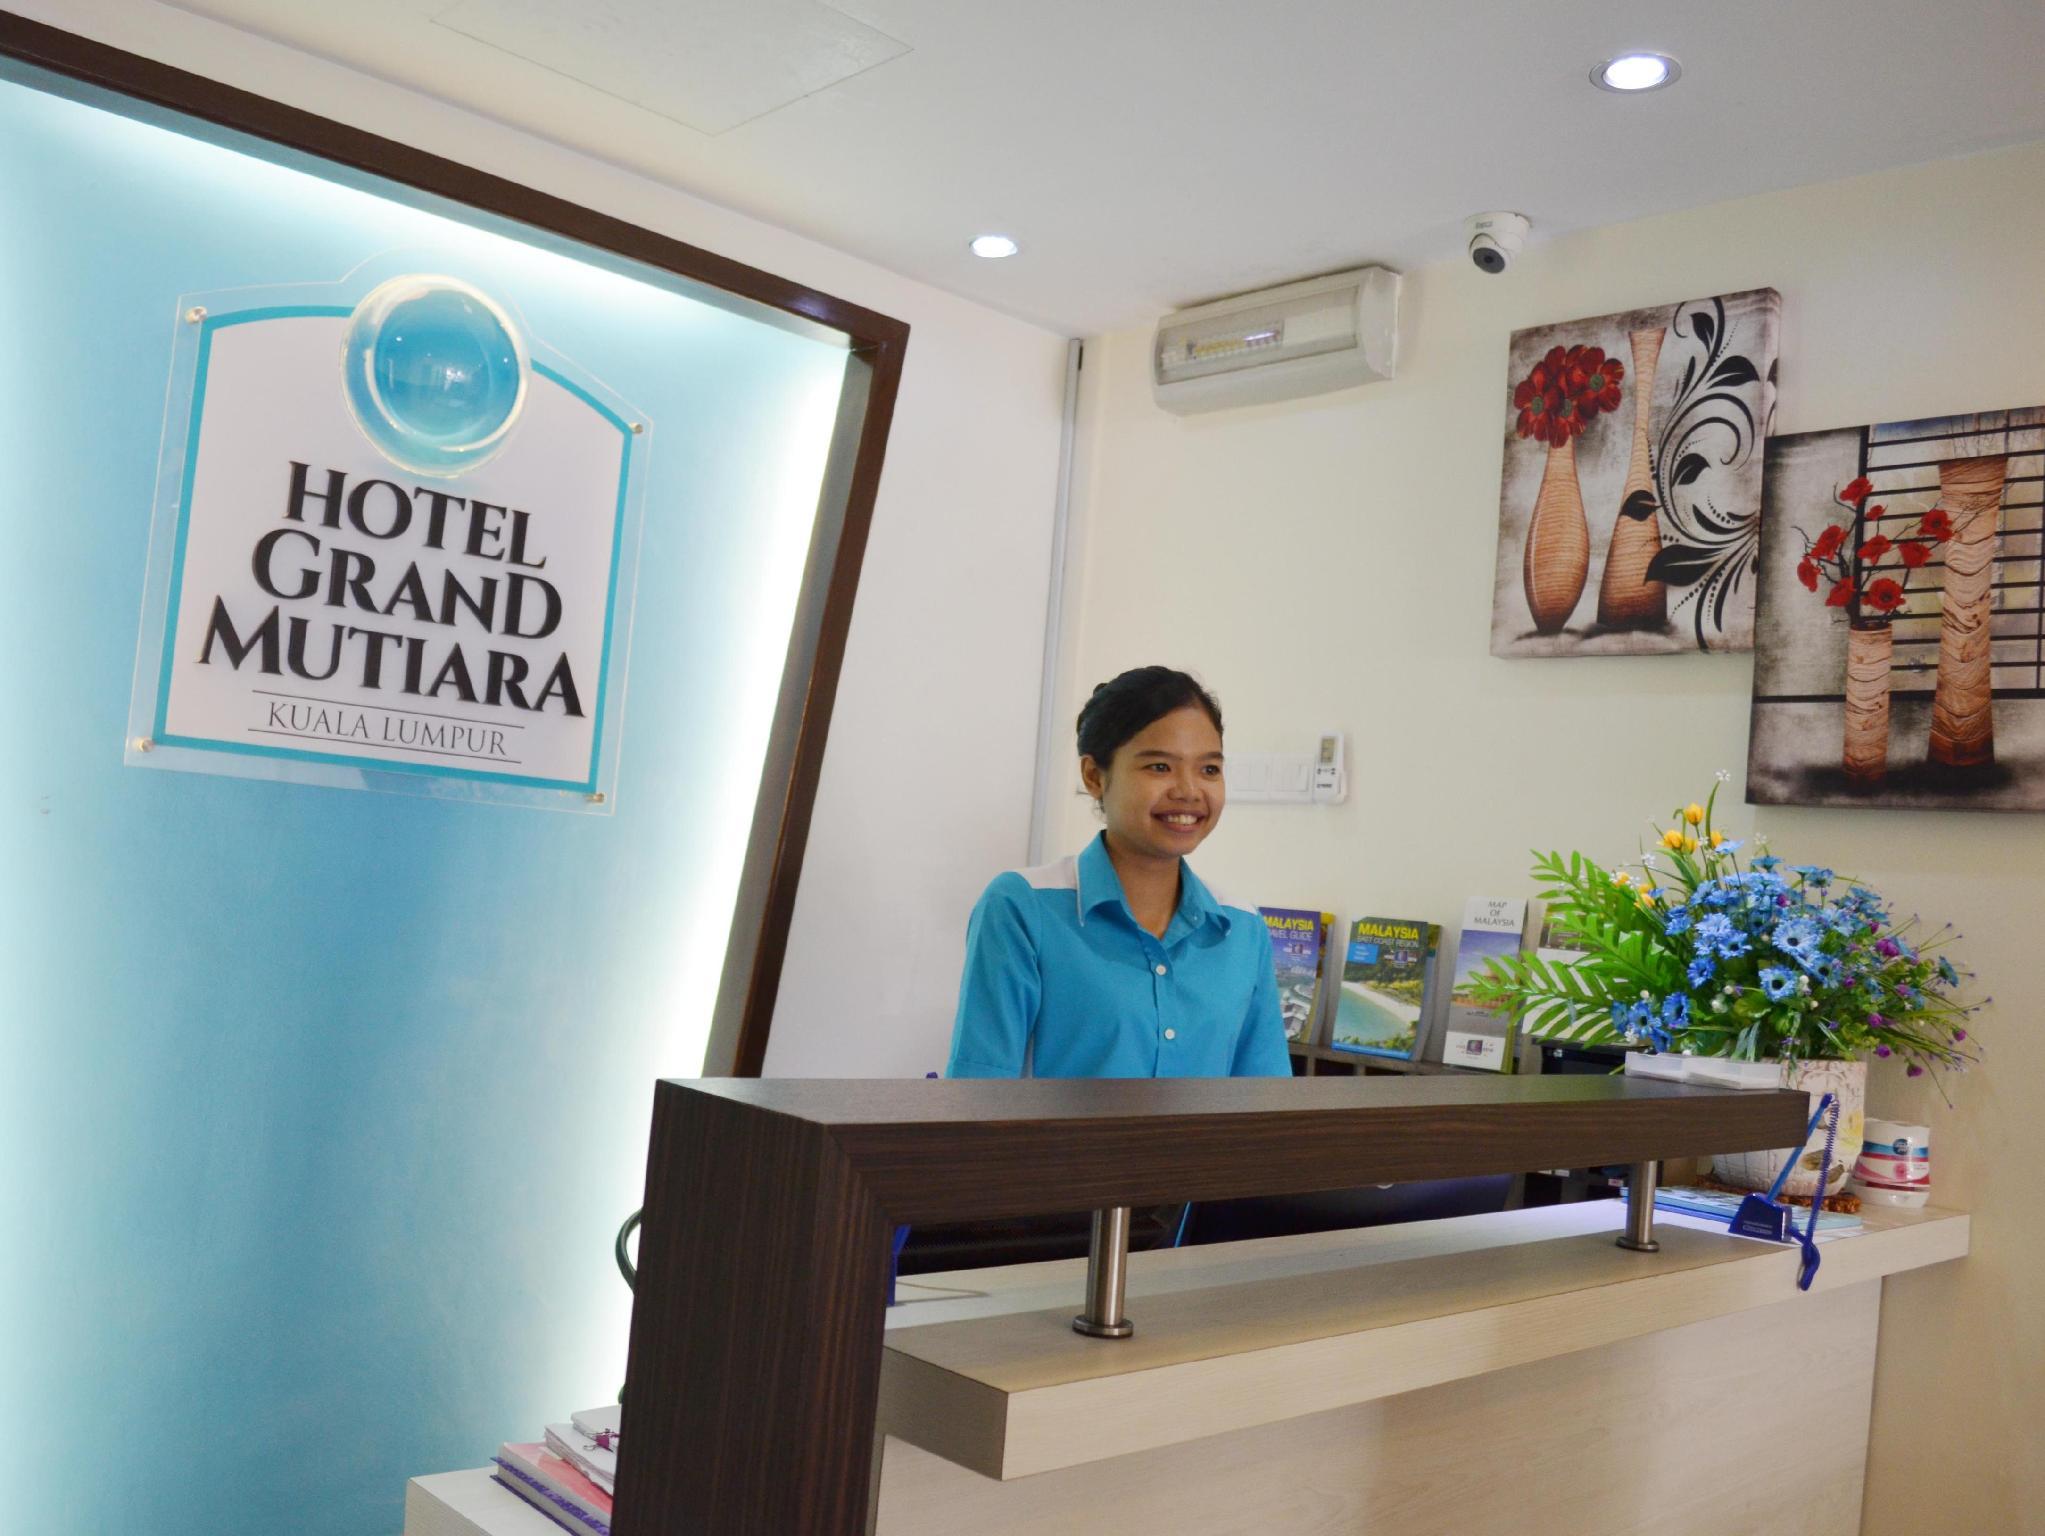 Hotel Grand Mutiara, Kuala Lumpur